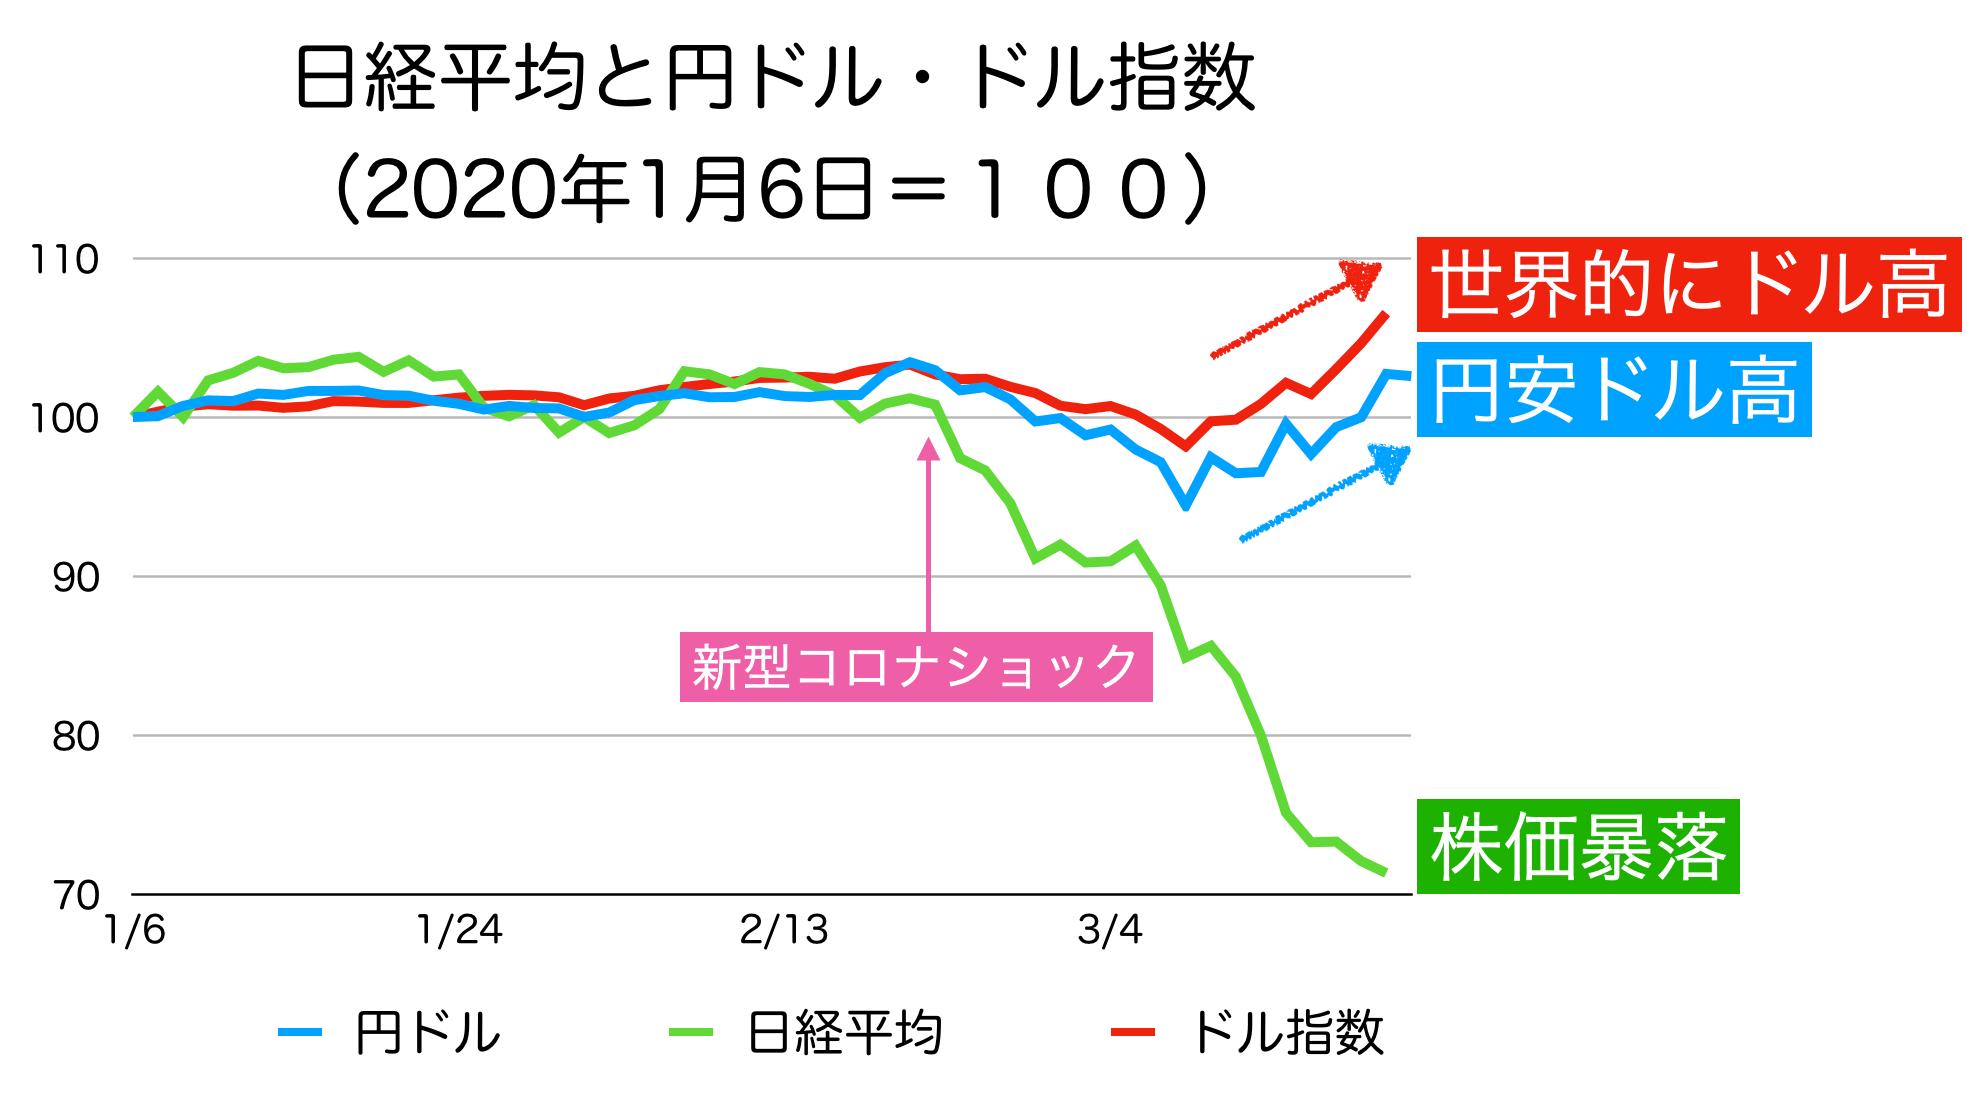 新型コロナショックと日経平均と円ドル相場